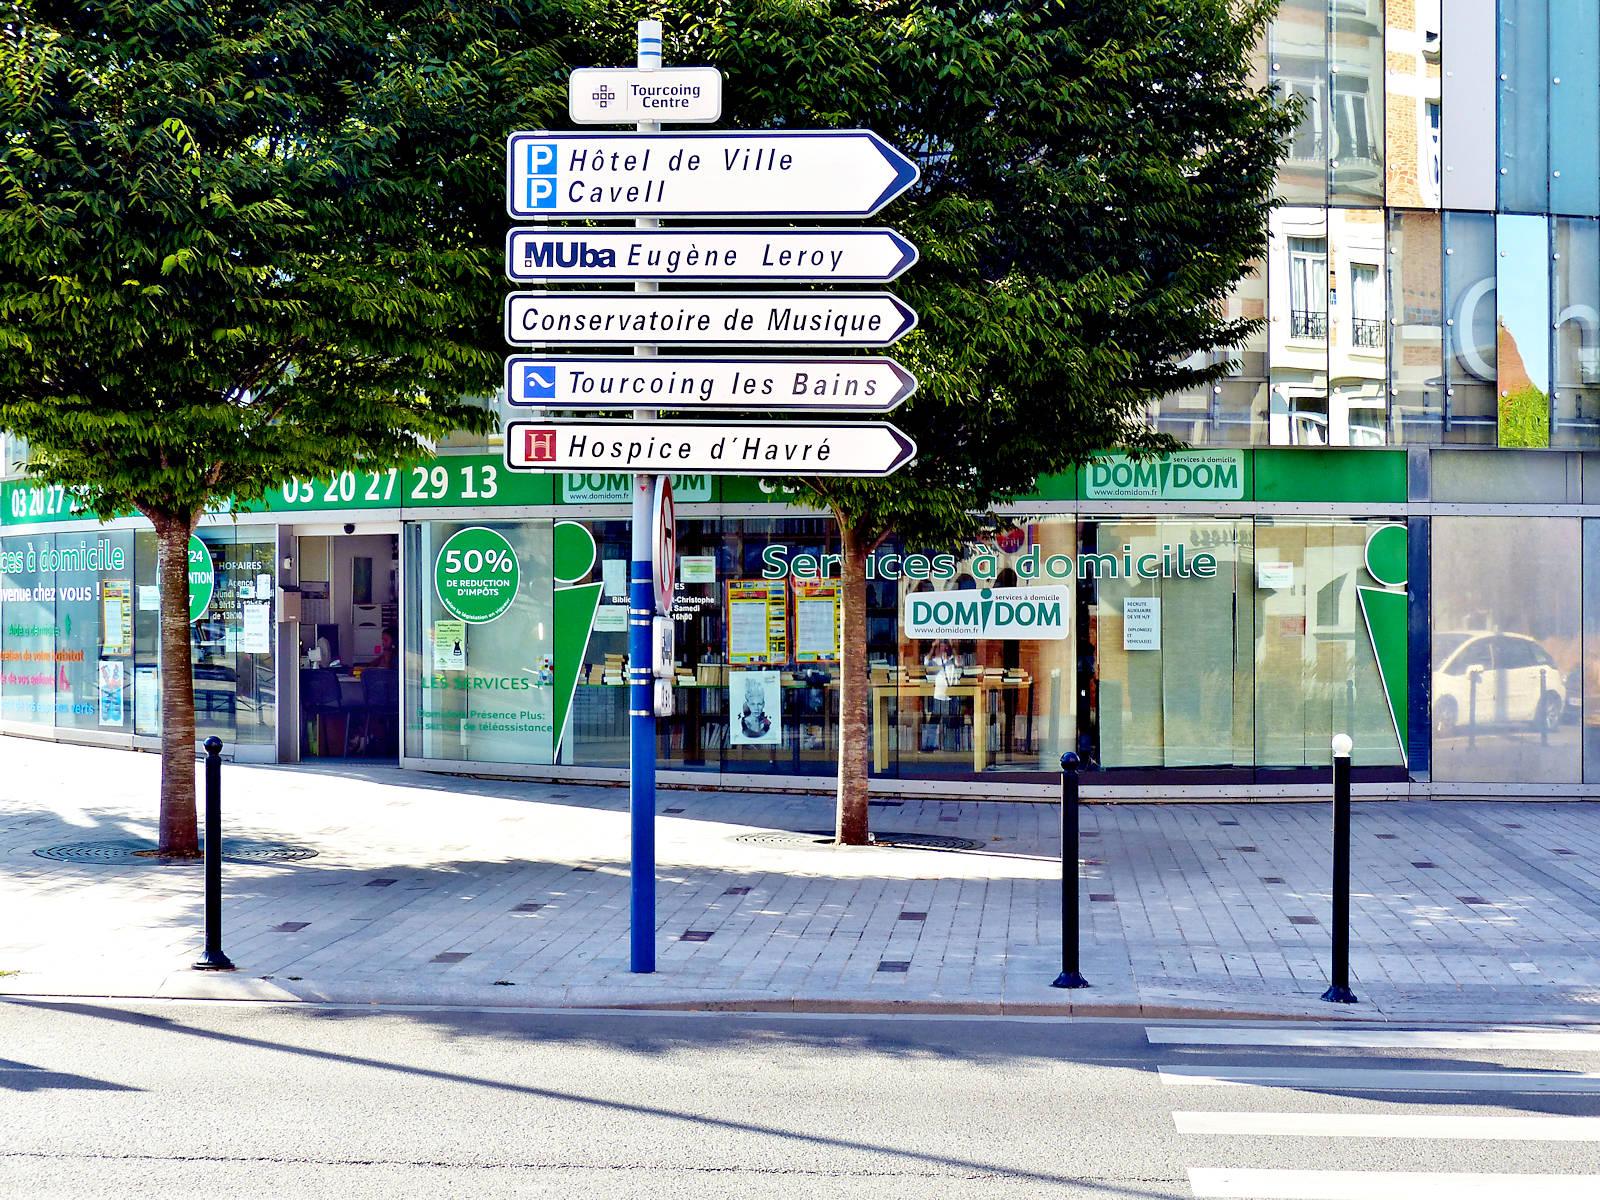 2 Rue d'Havré, Tourcoing - Domidom, Service à Domicile